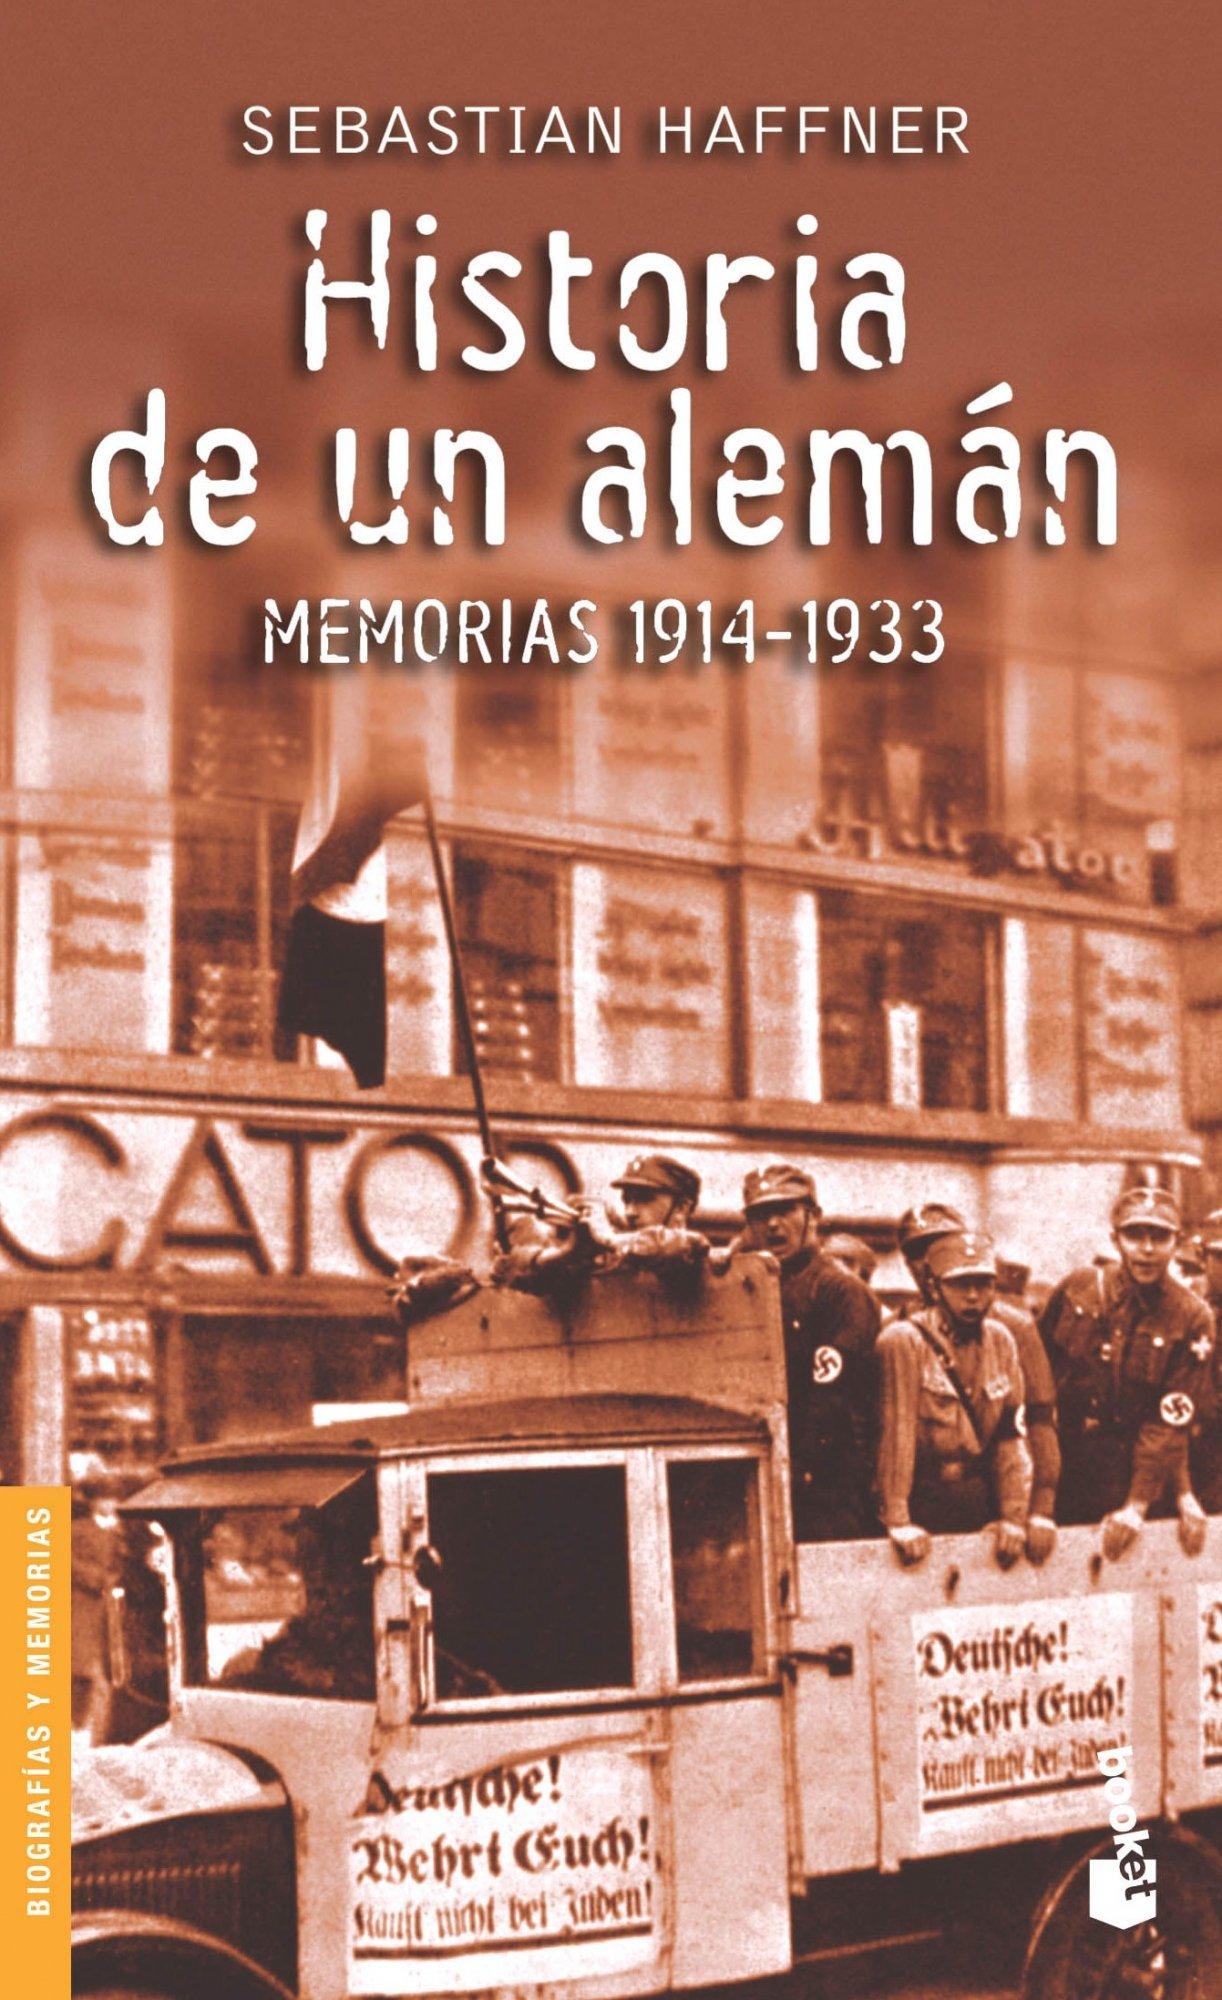 Historia de un alemán (Divulgación) Tapa blanda – 5 abr 2005 Sebastian Haffner Booket 8423338045 AGP_0018661